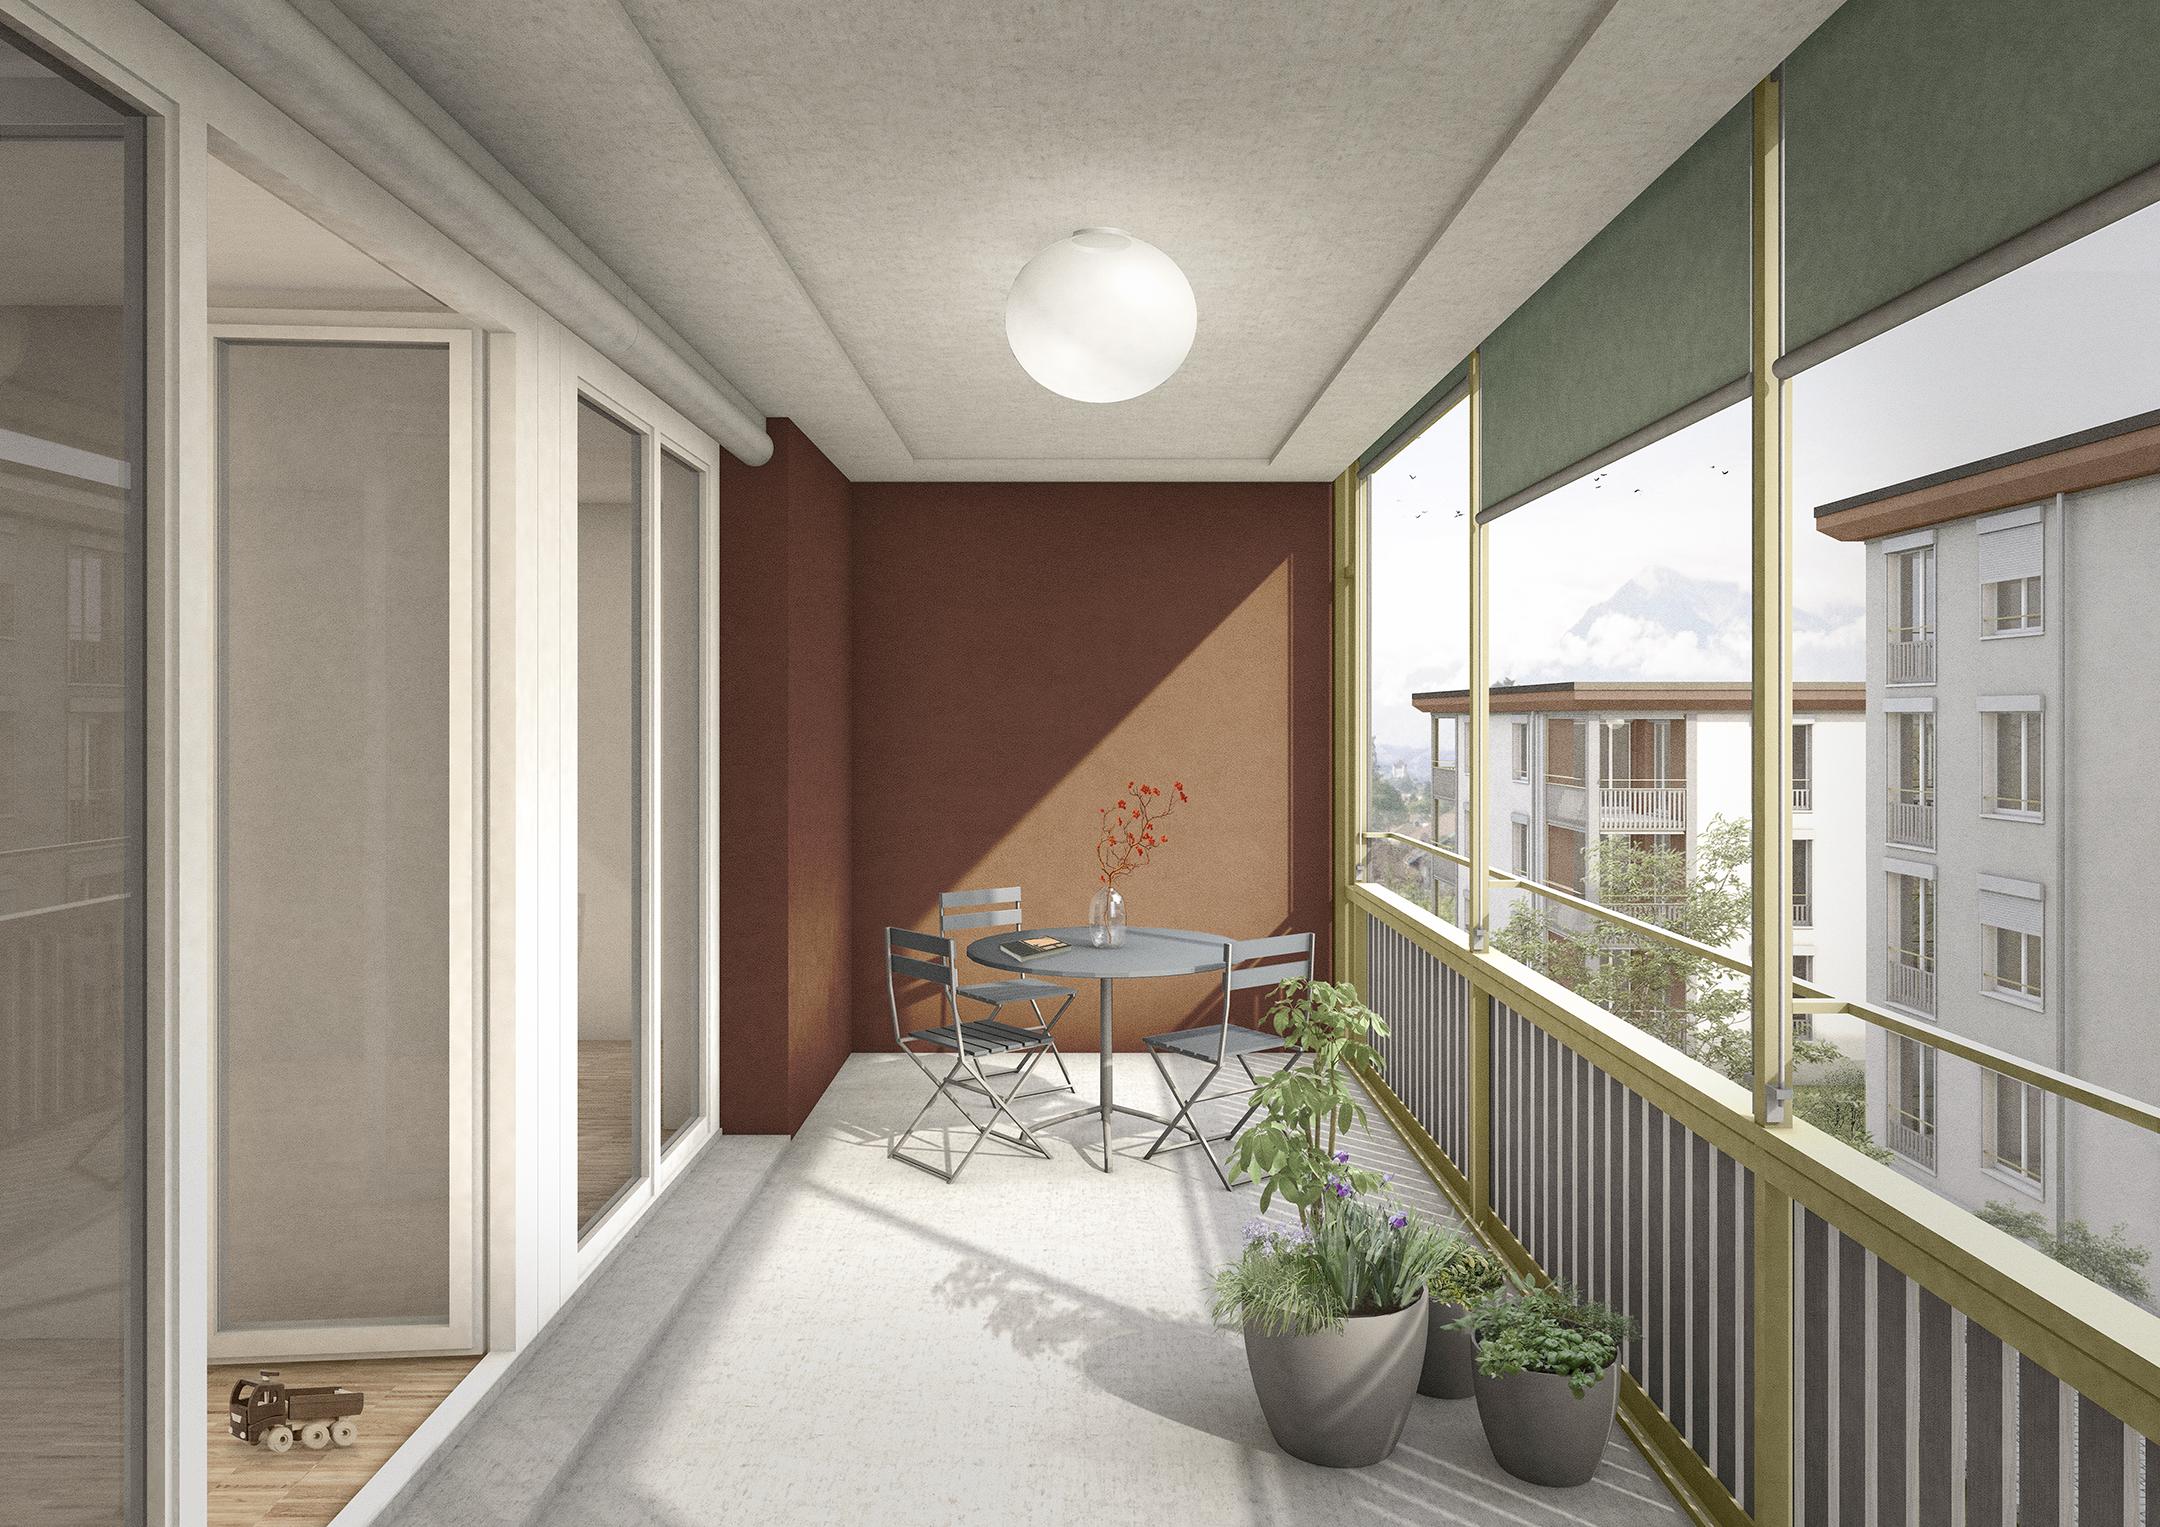 Pfister Klingenfuss Architekten, Wohnüberbauung Scheidgasse, Steffisburg, Visualisierung Balkon